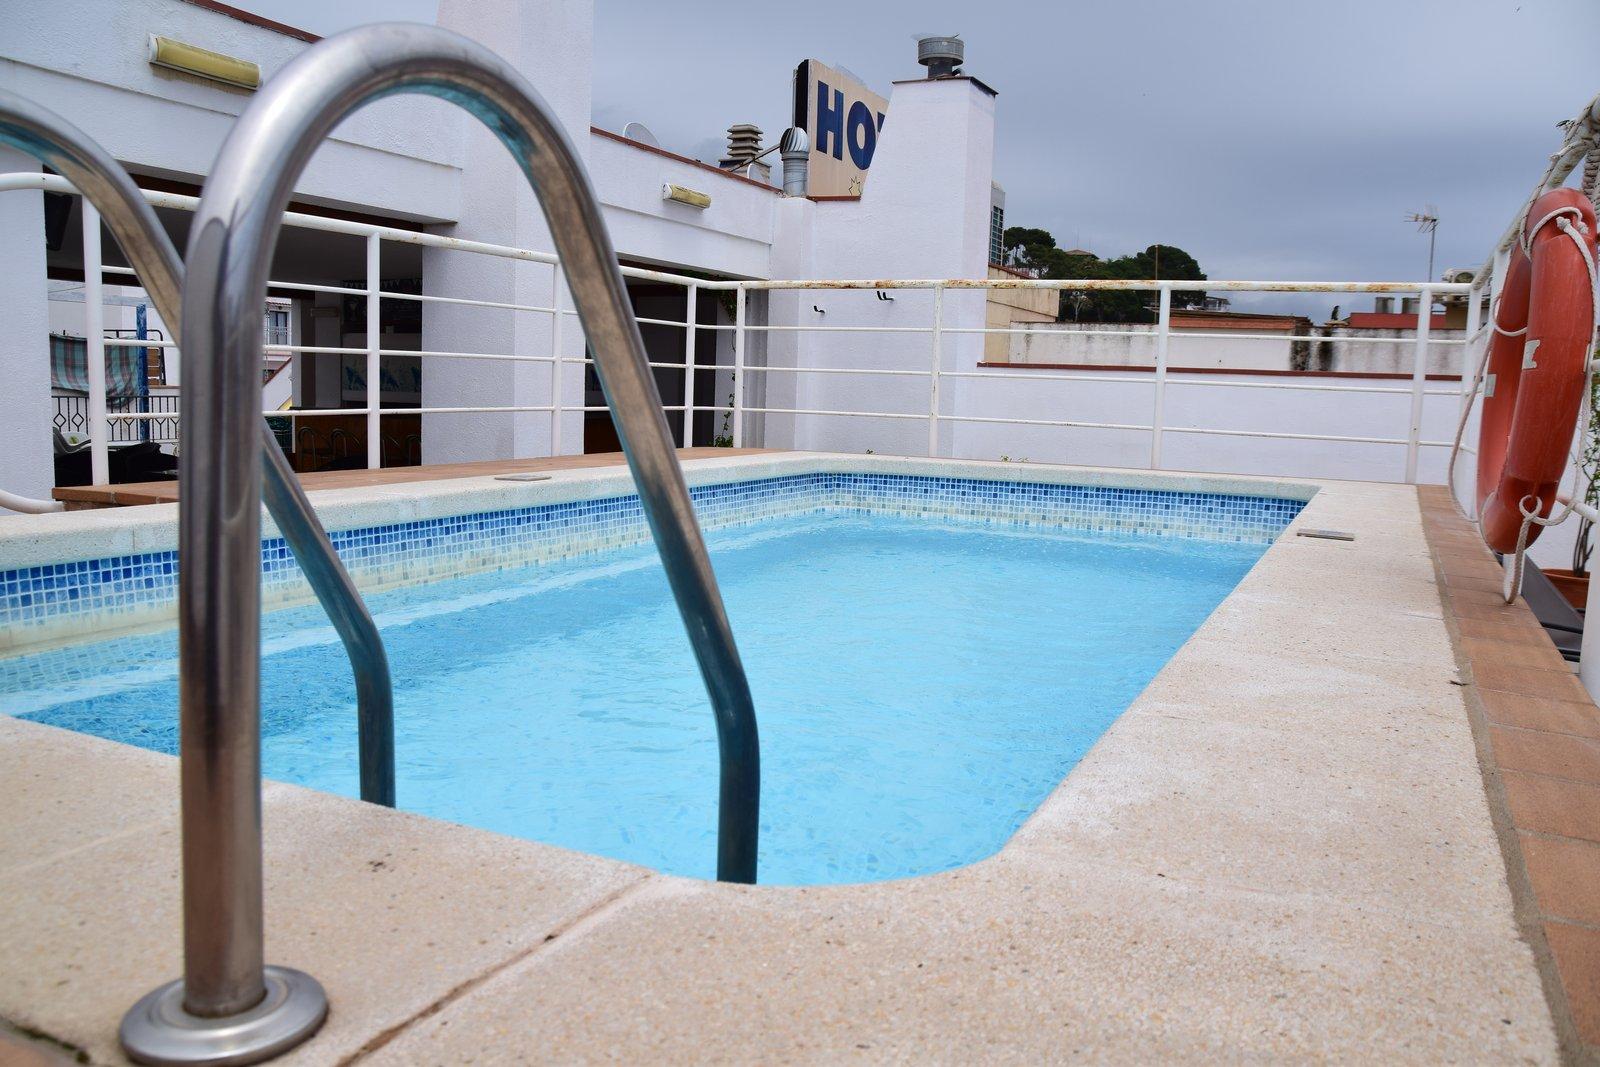 Urlaub in Lloret de Mar Spanien – Ein Erfahrungsbericht 4